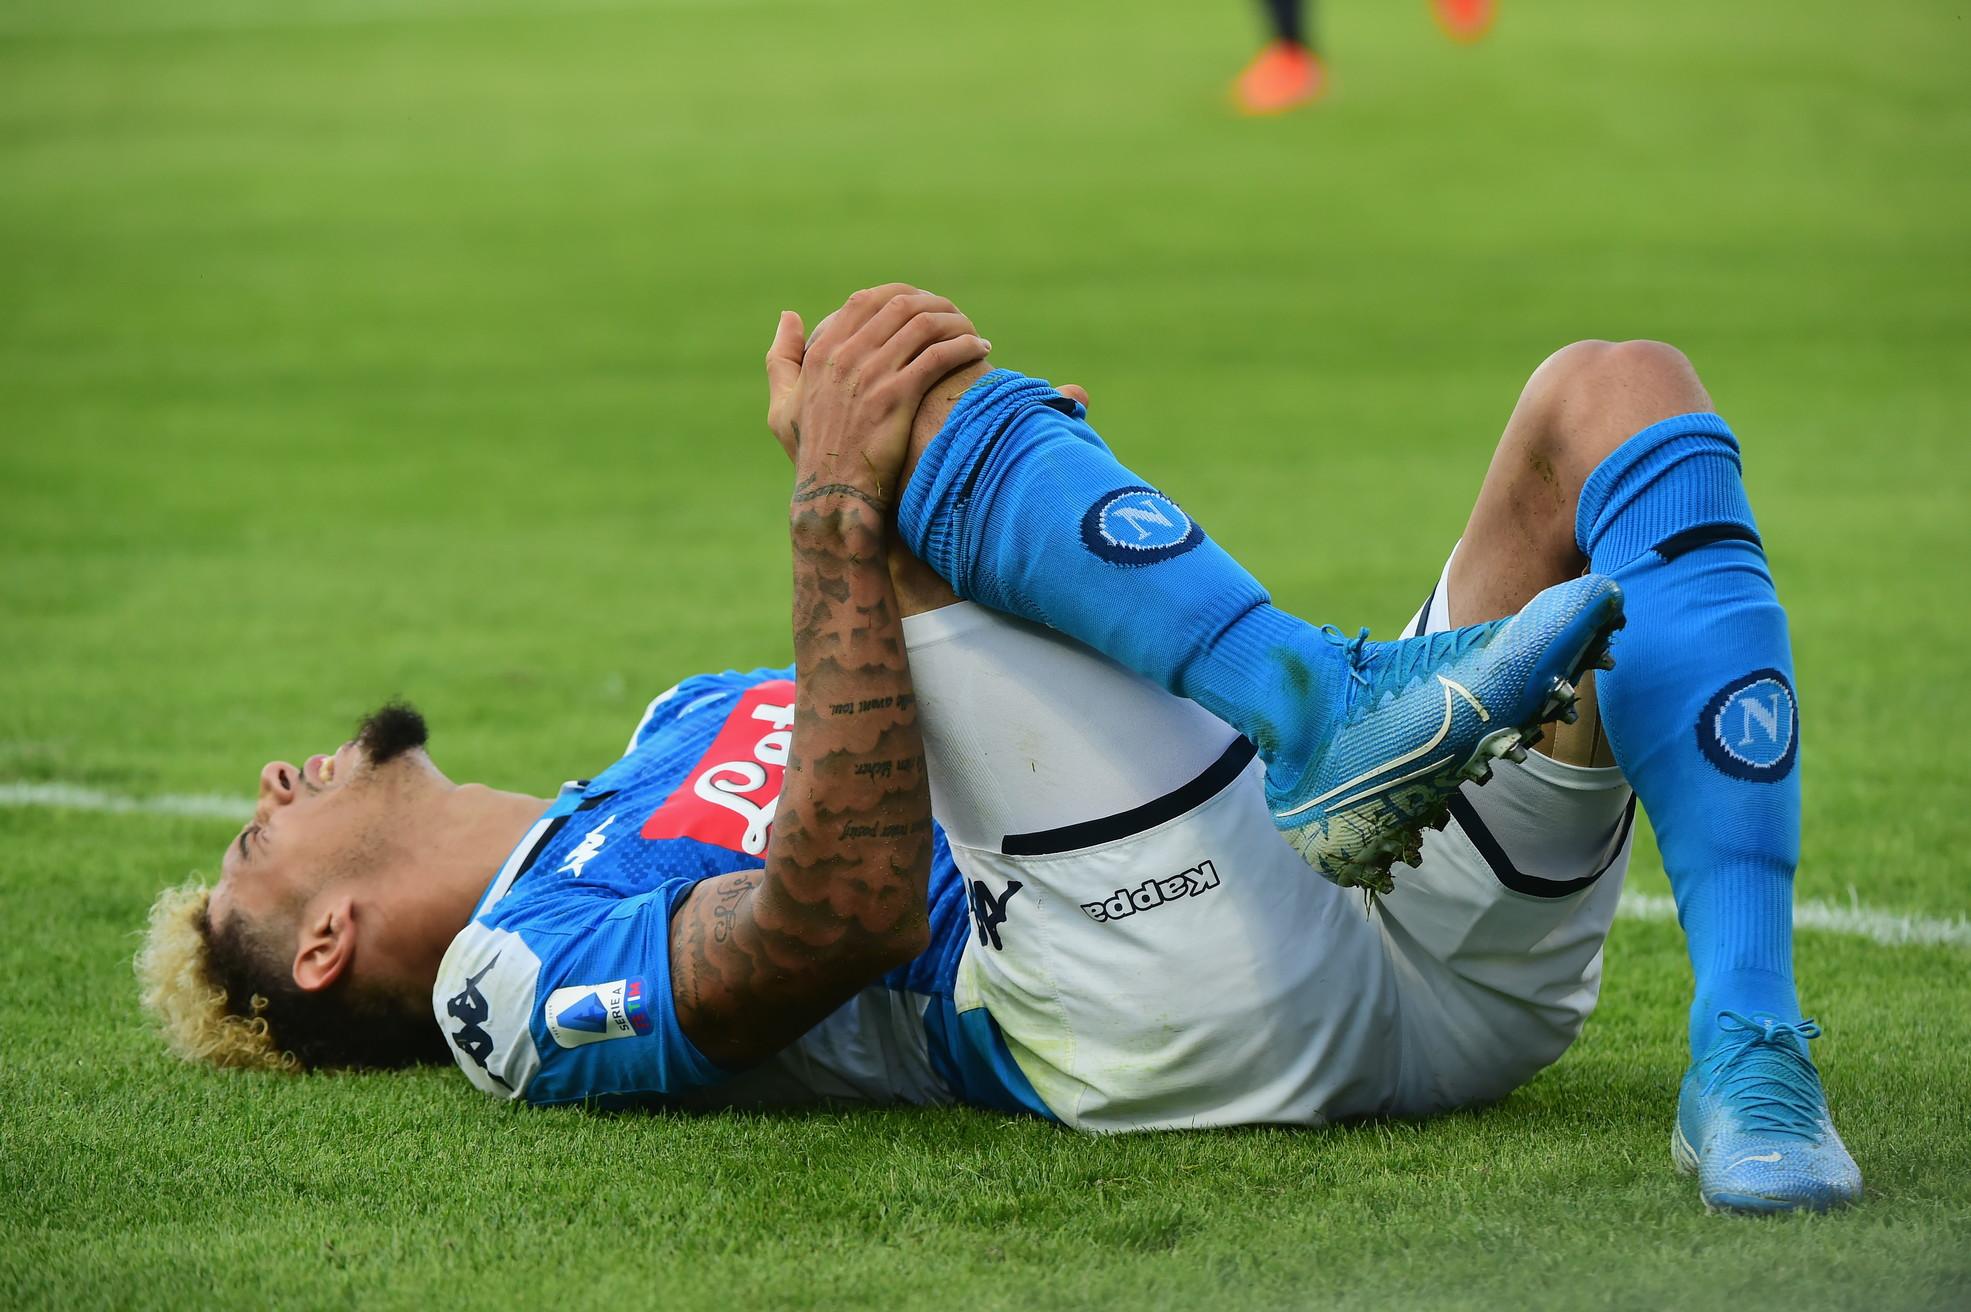 L'infortunio del difensore del Napoli: lesione del legamento crociato anteriore e del menisco mediale del ginocchio destro